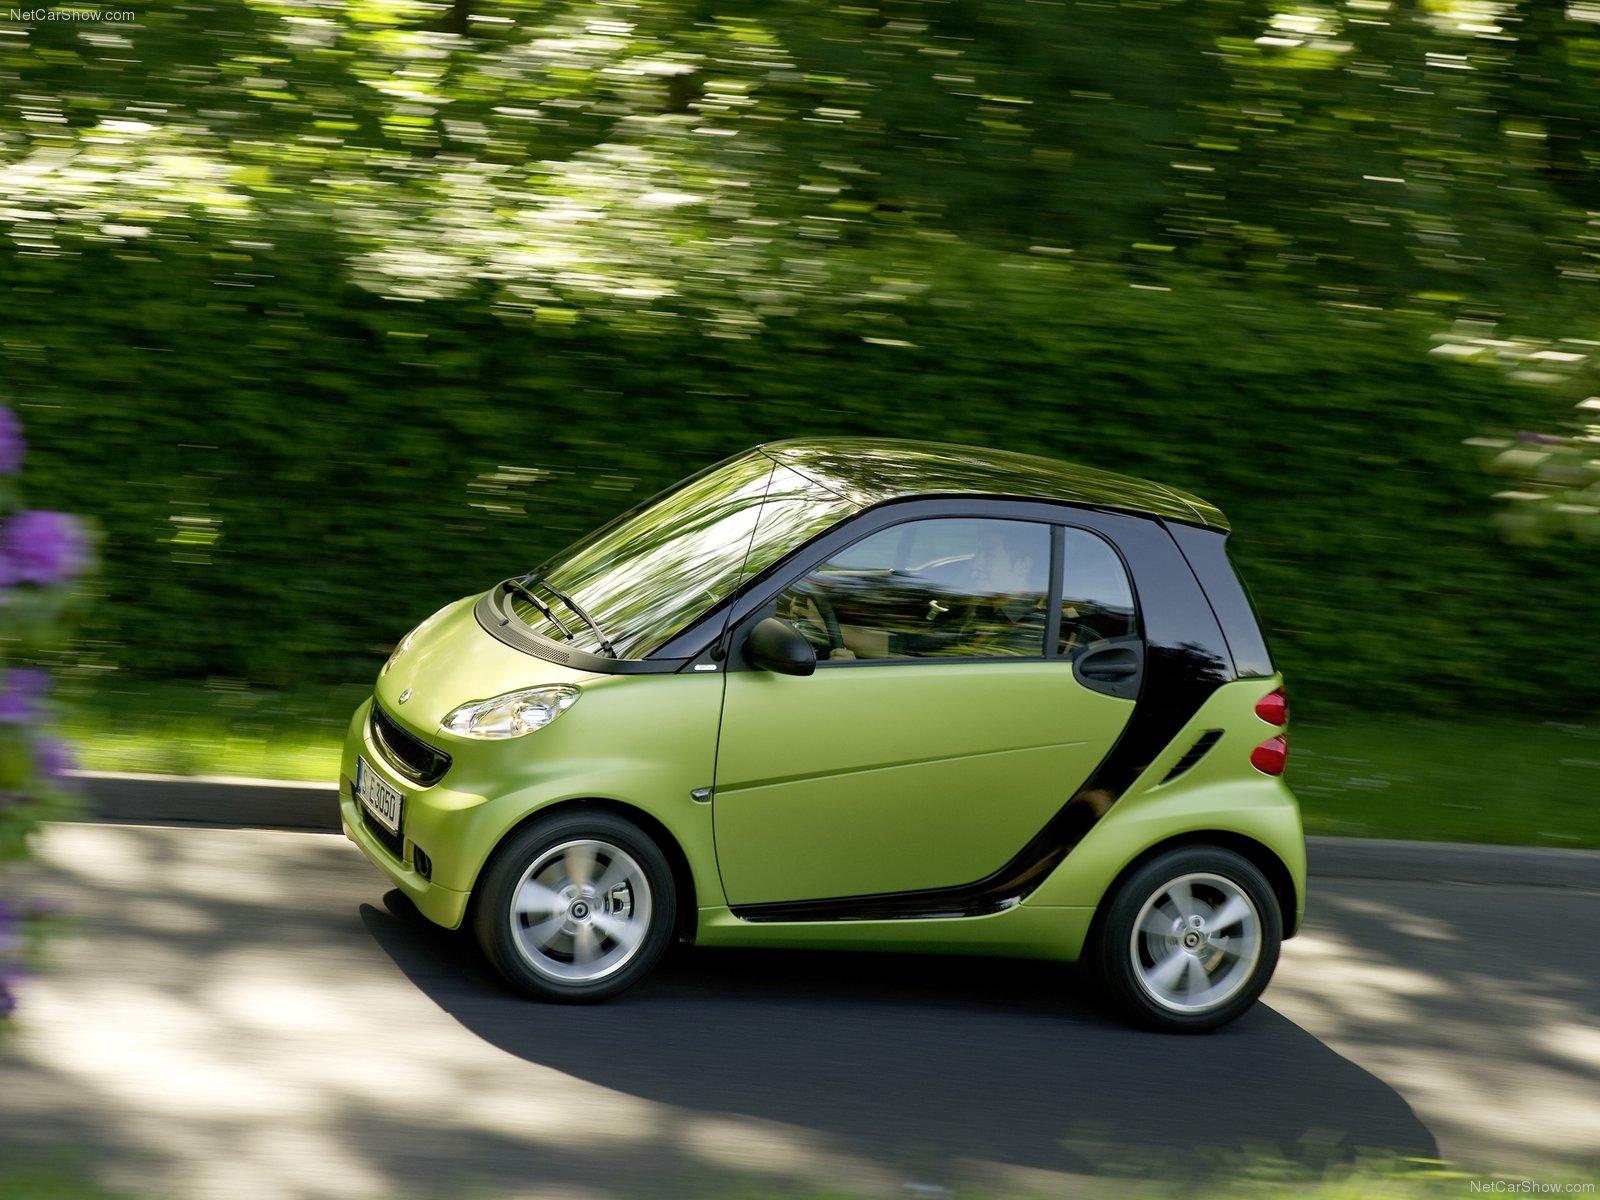 Hình ảnh xe ô tô Smart fortwo 2011 & nội ngoại thất